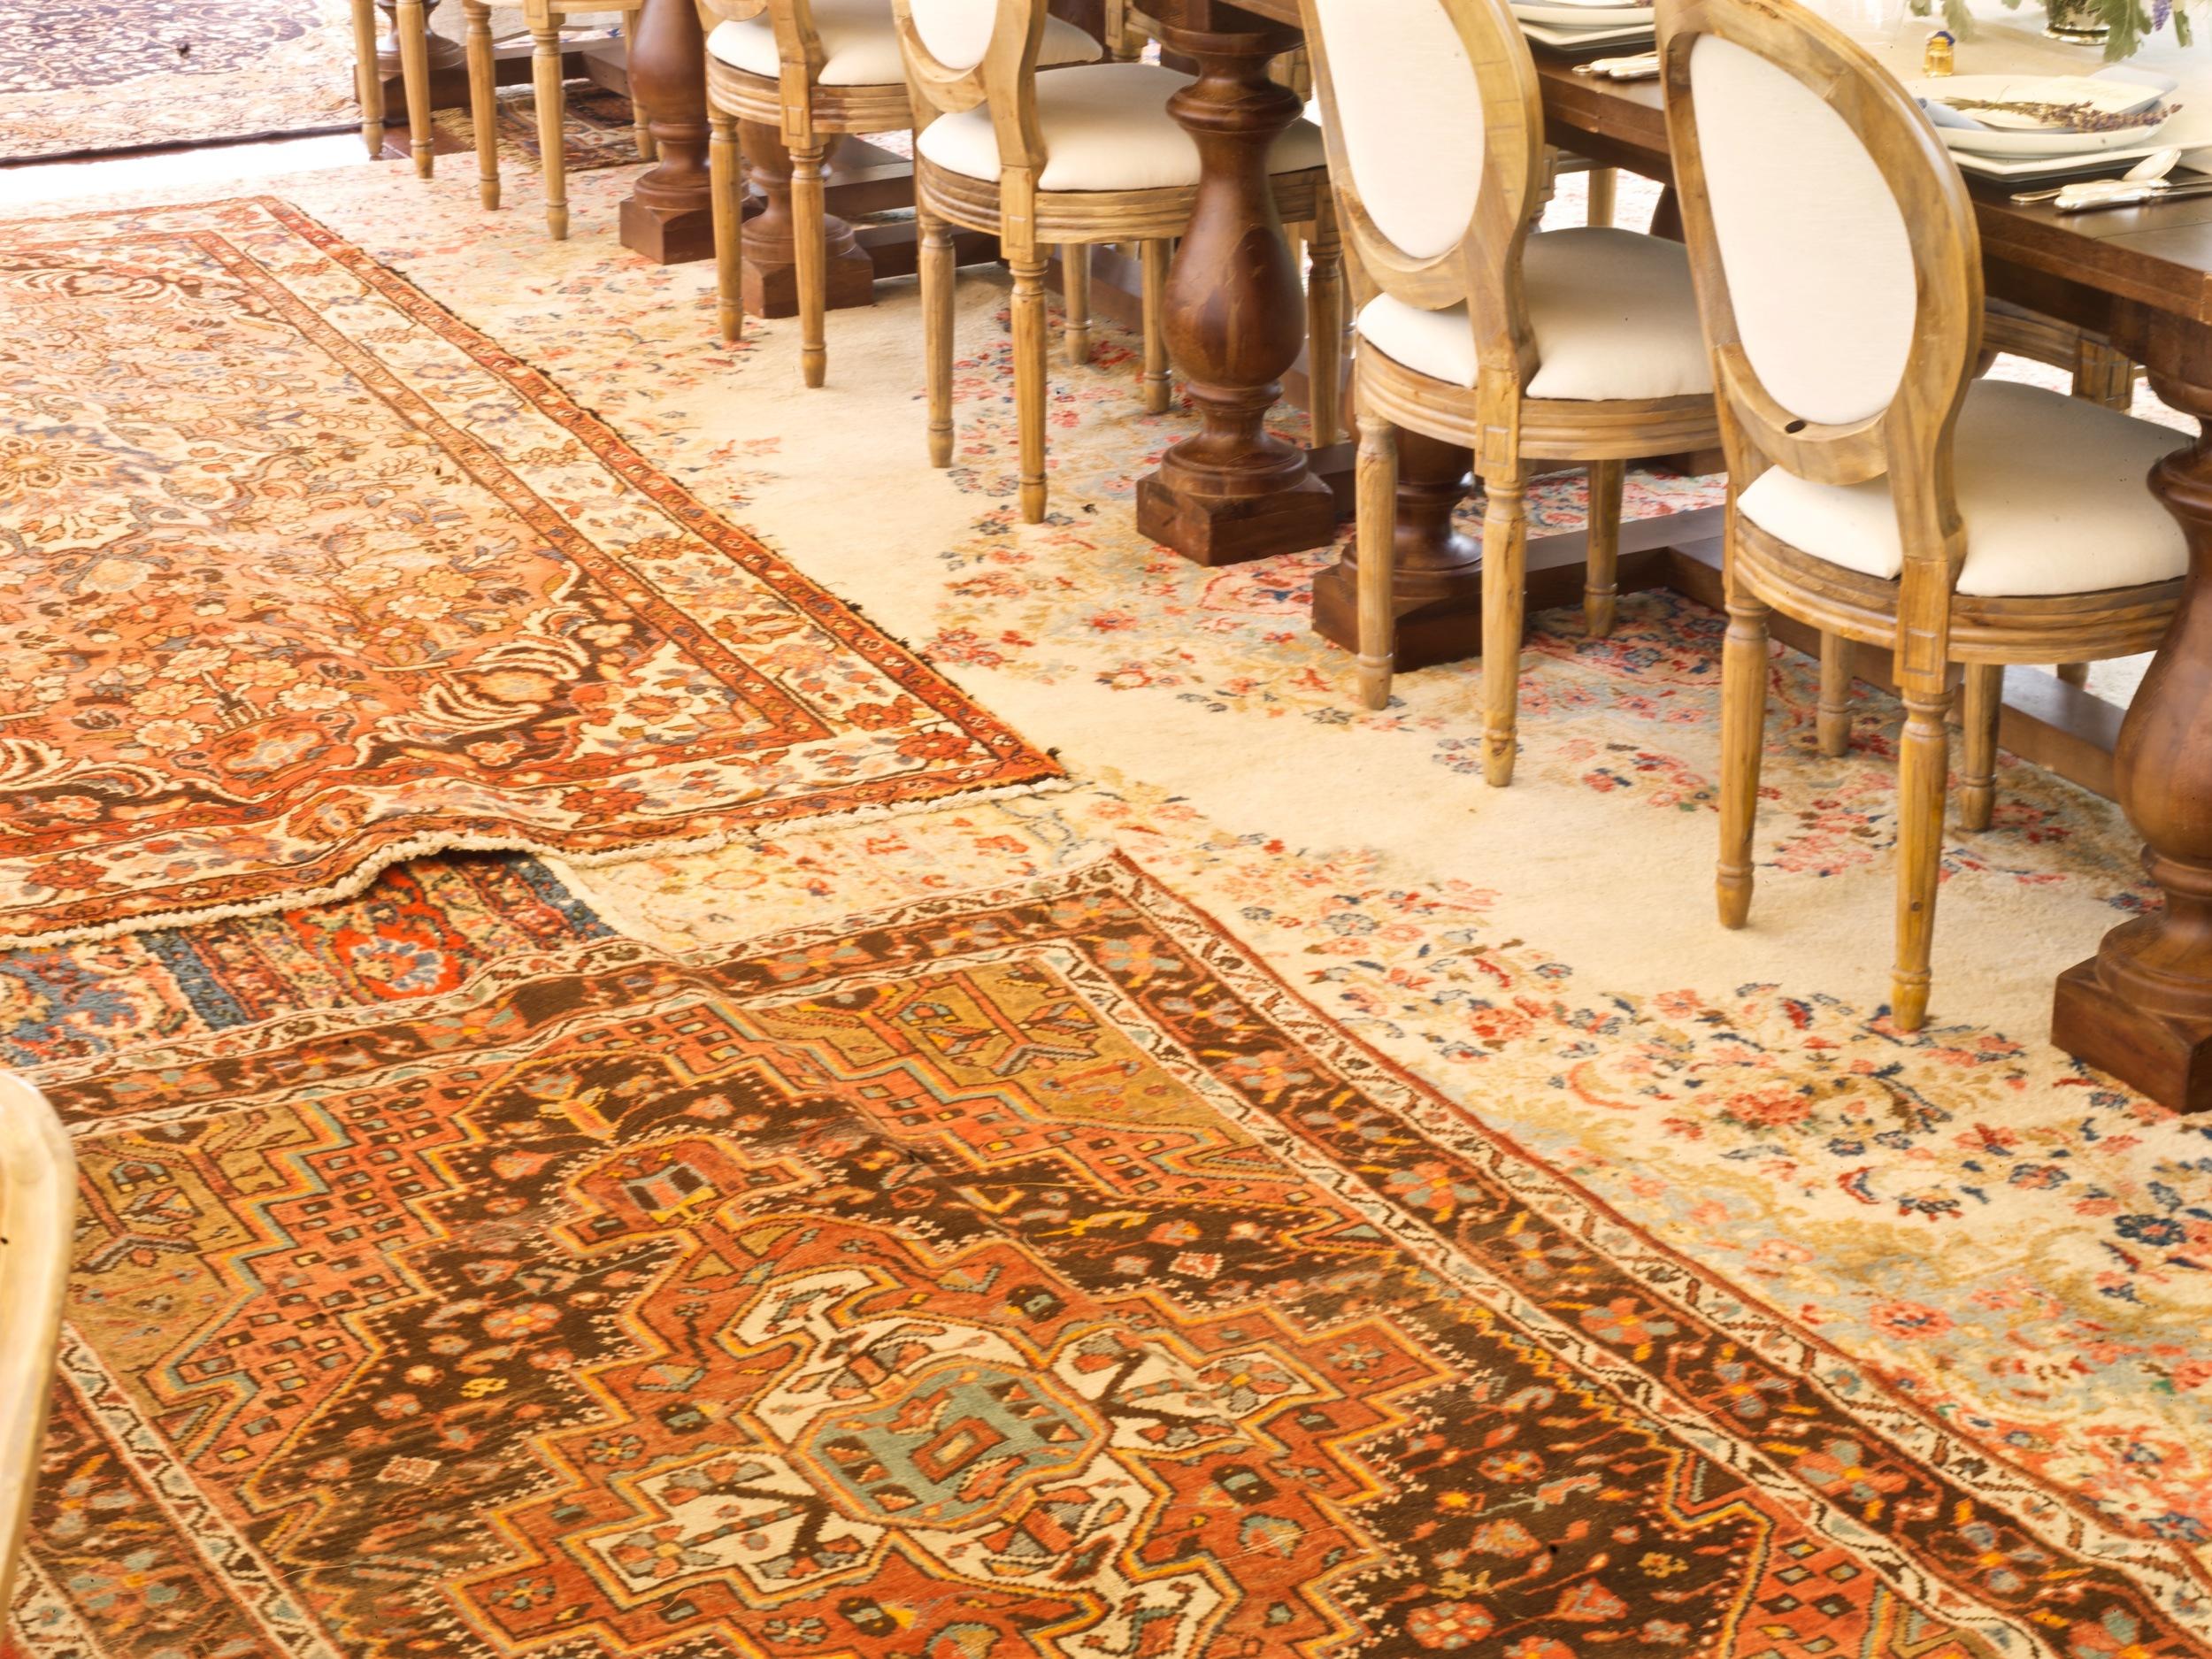 Mashup of oriental carpets.